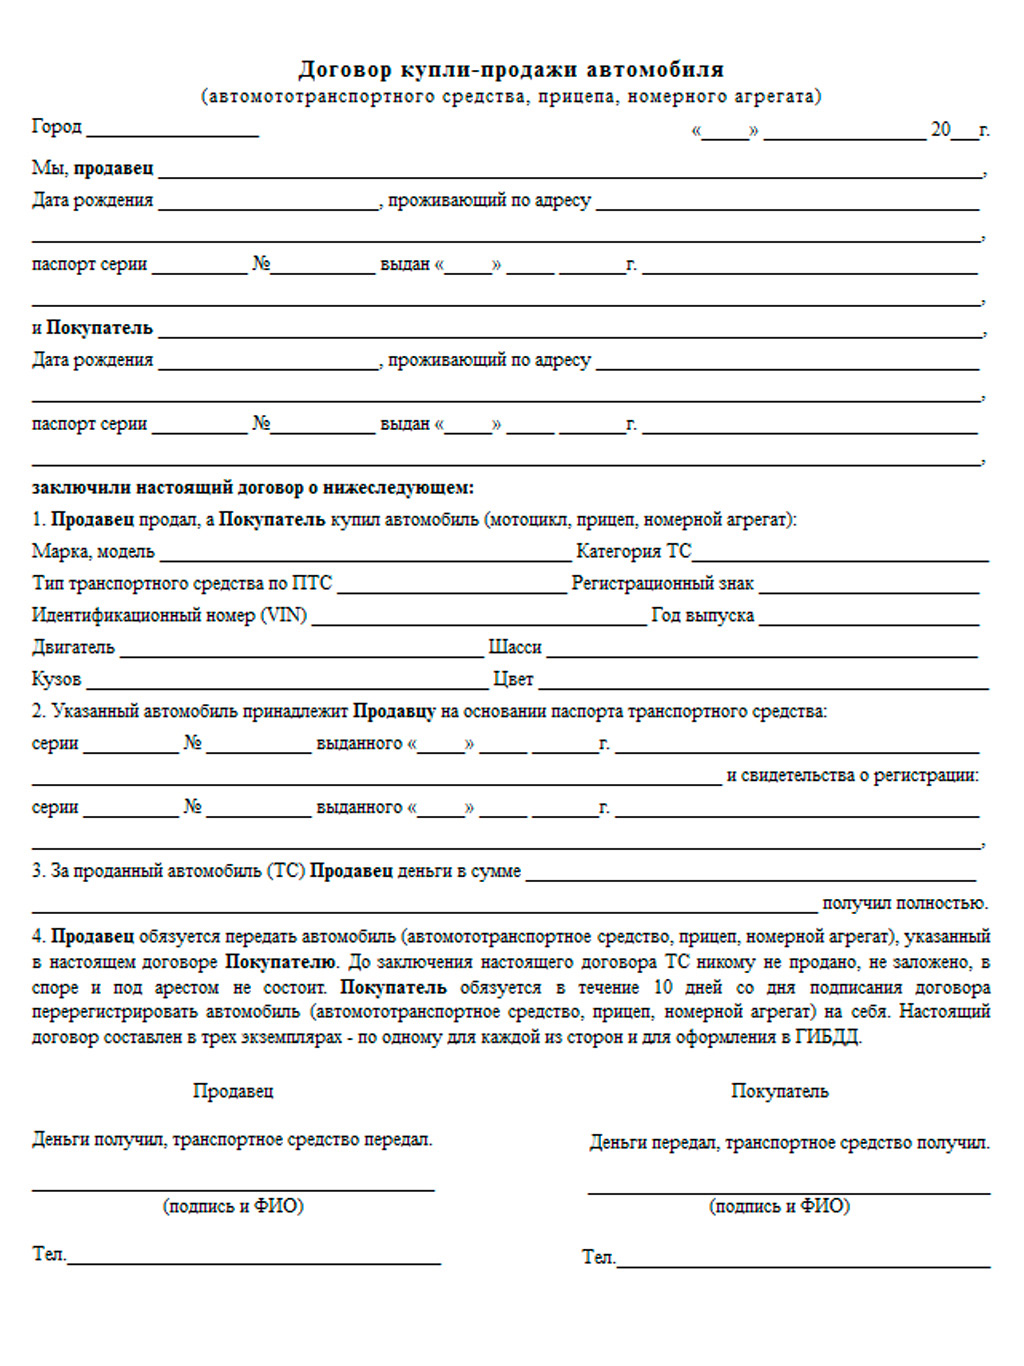 Blank-Dogovor-Kupli-prodazhi-avtomobilya